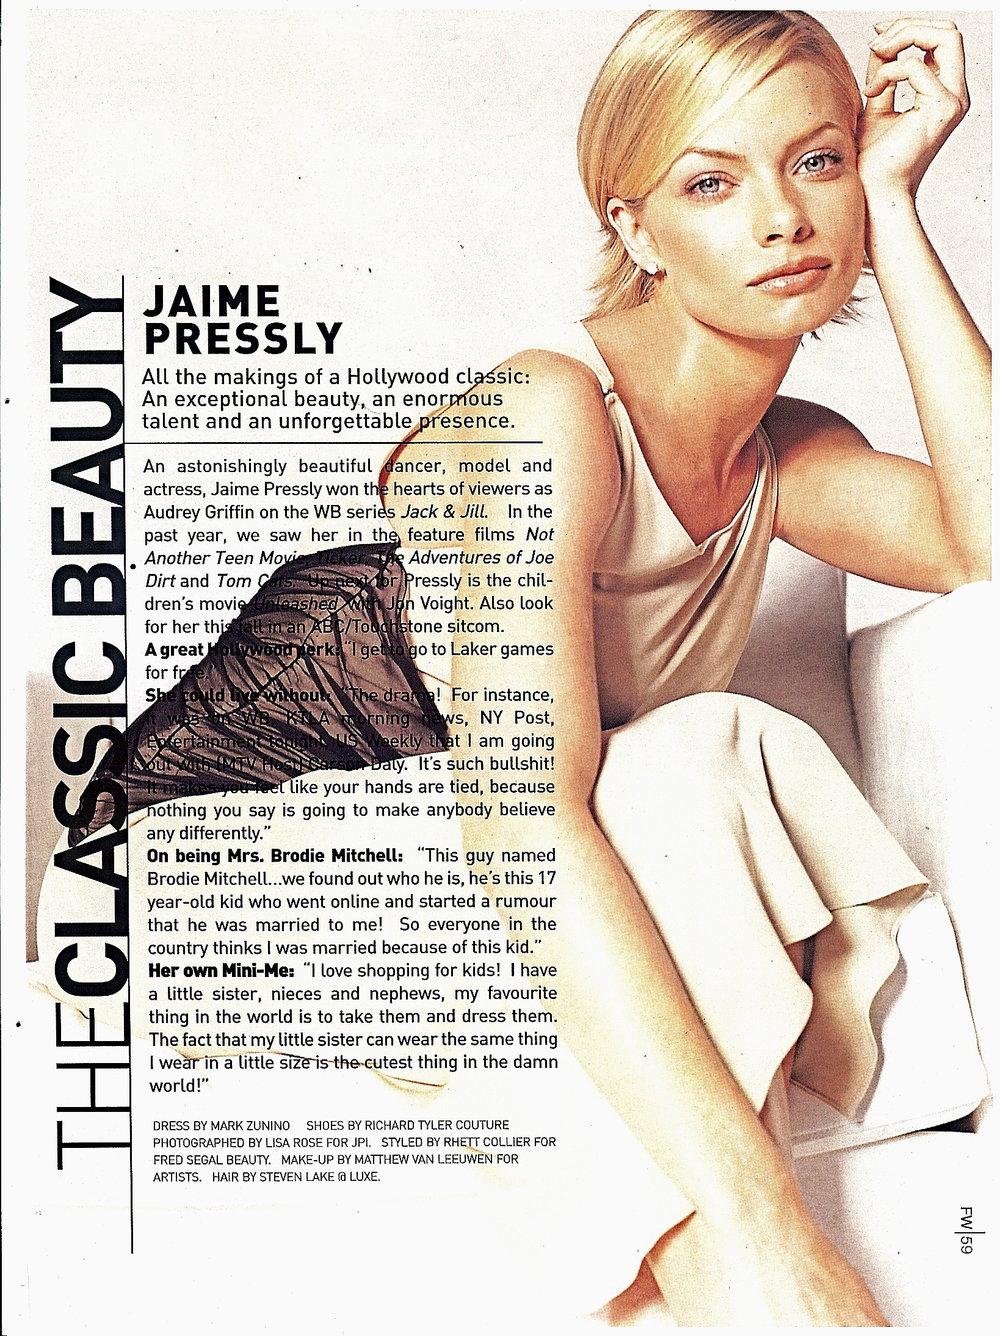 JAMIE PRESSLEY